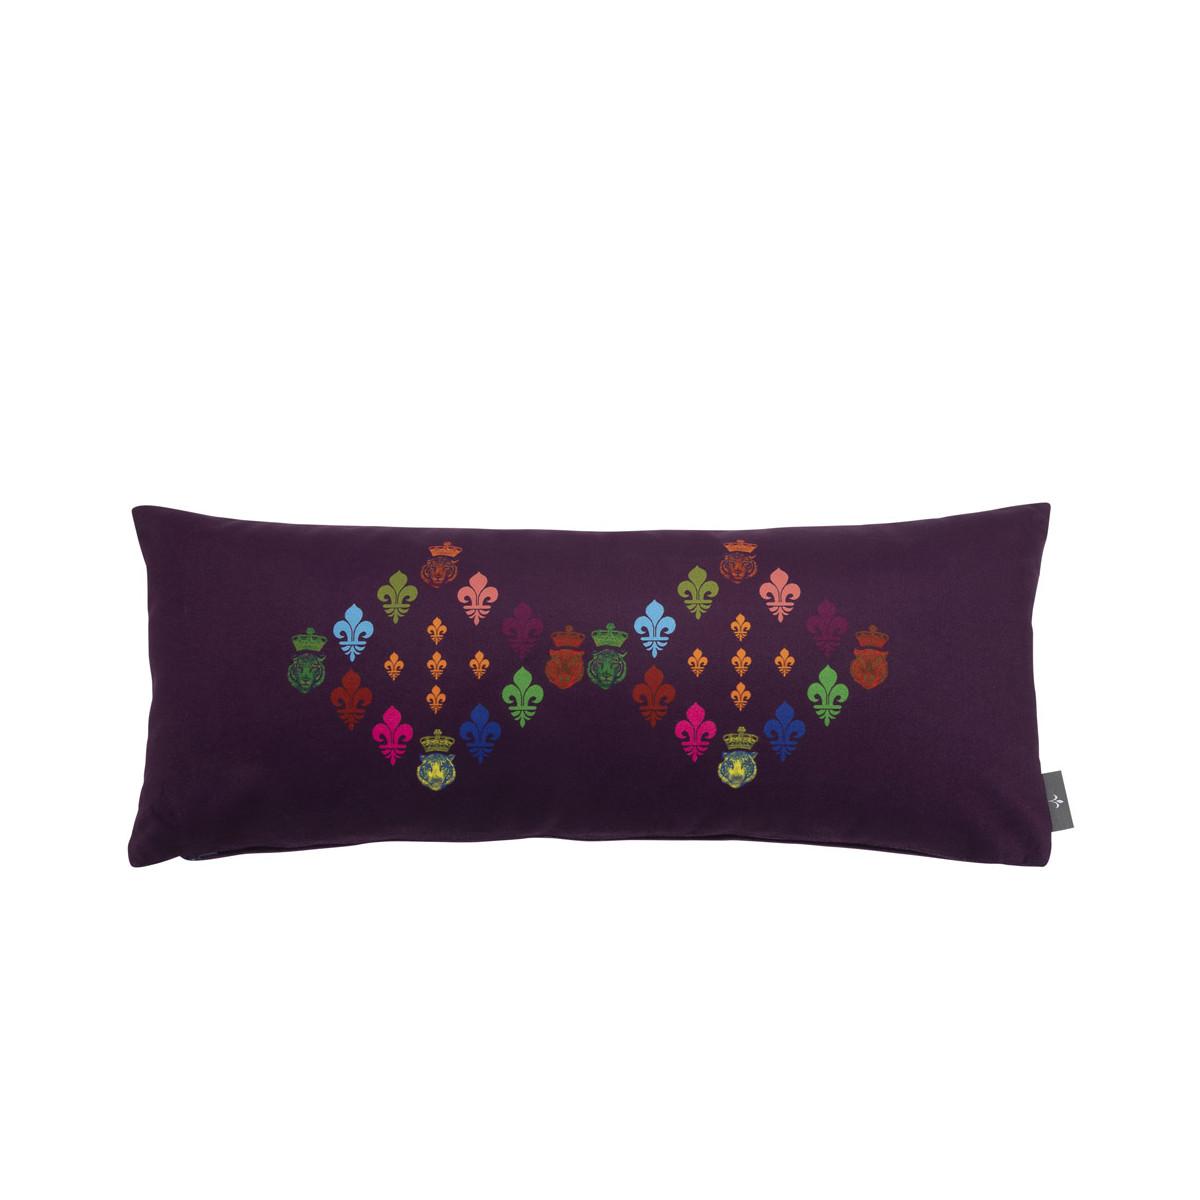 Coussin lys imprimé sur velours made in france violet 25x60